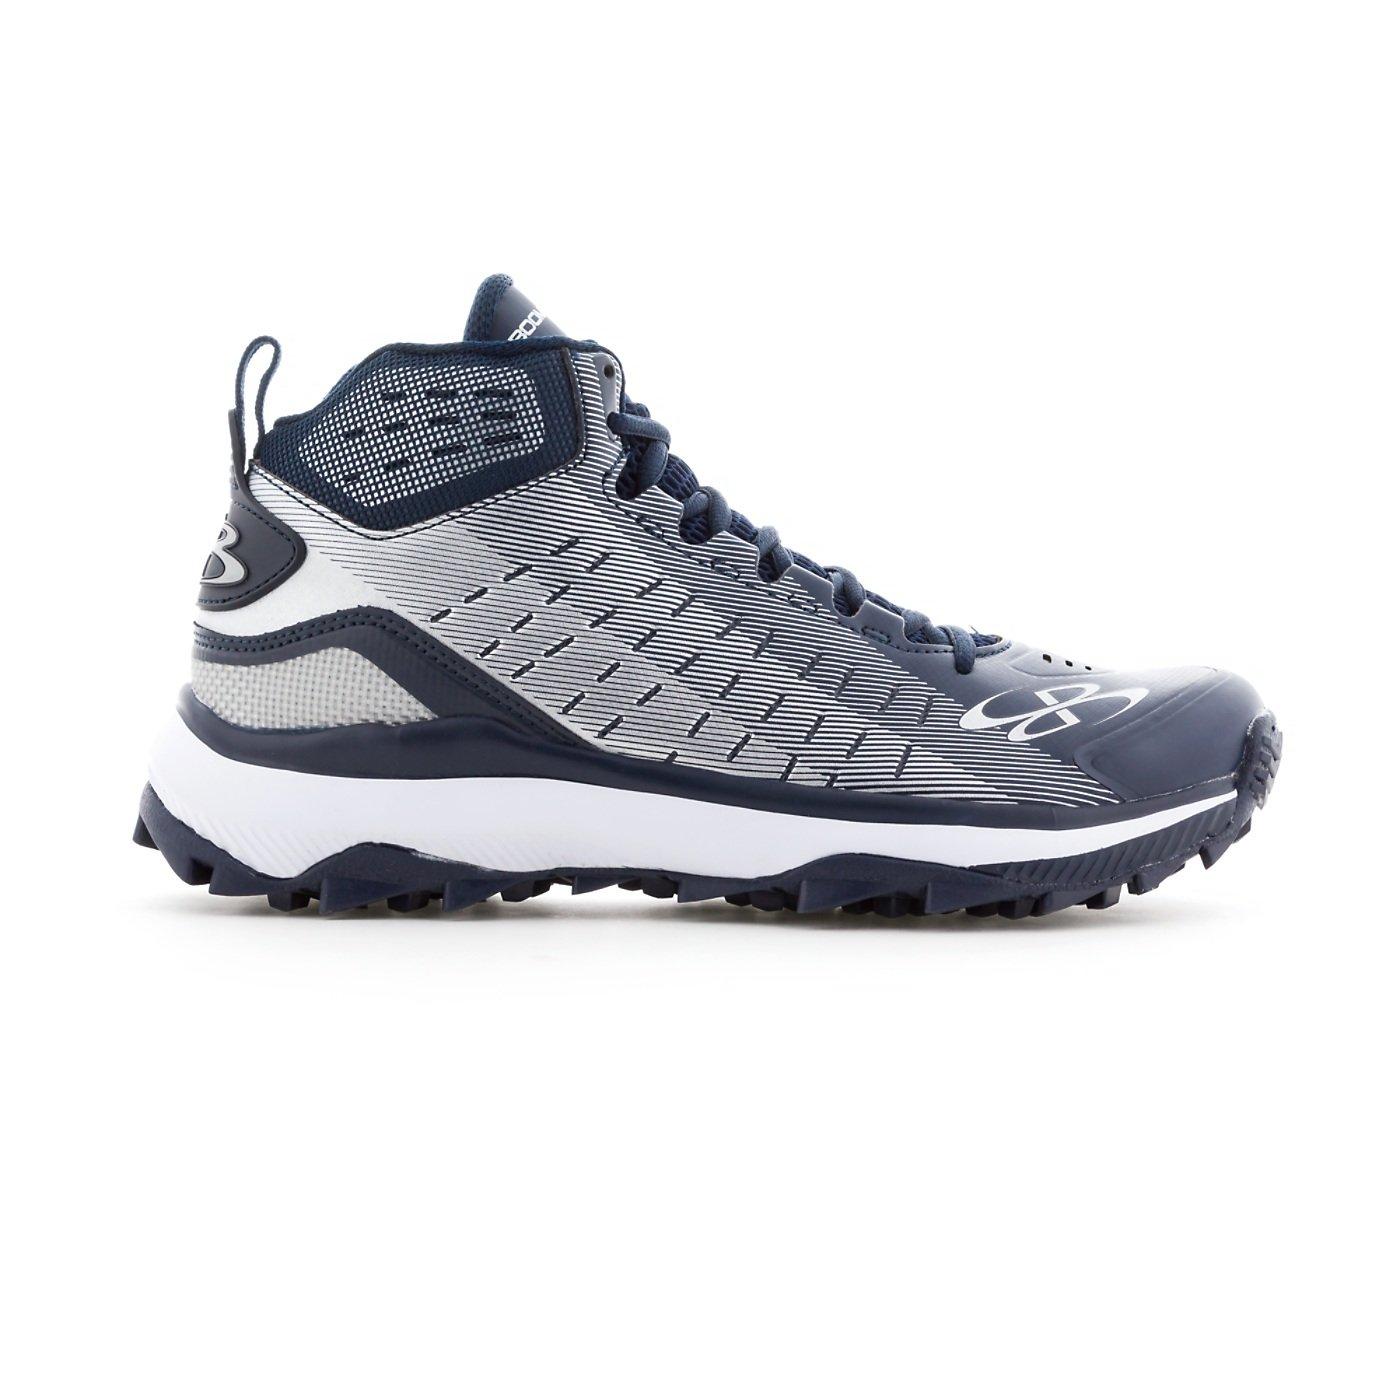 BoombahメンズCatalyst Mid Turf Shoes – 10カラーオプション – 複数のサイズ B07B5QKW7Z 10.5 ネイビー/グレー